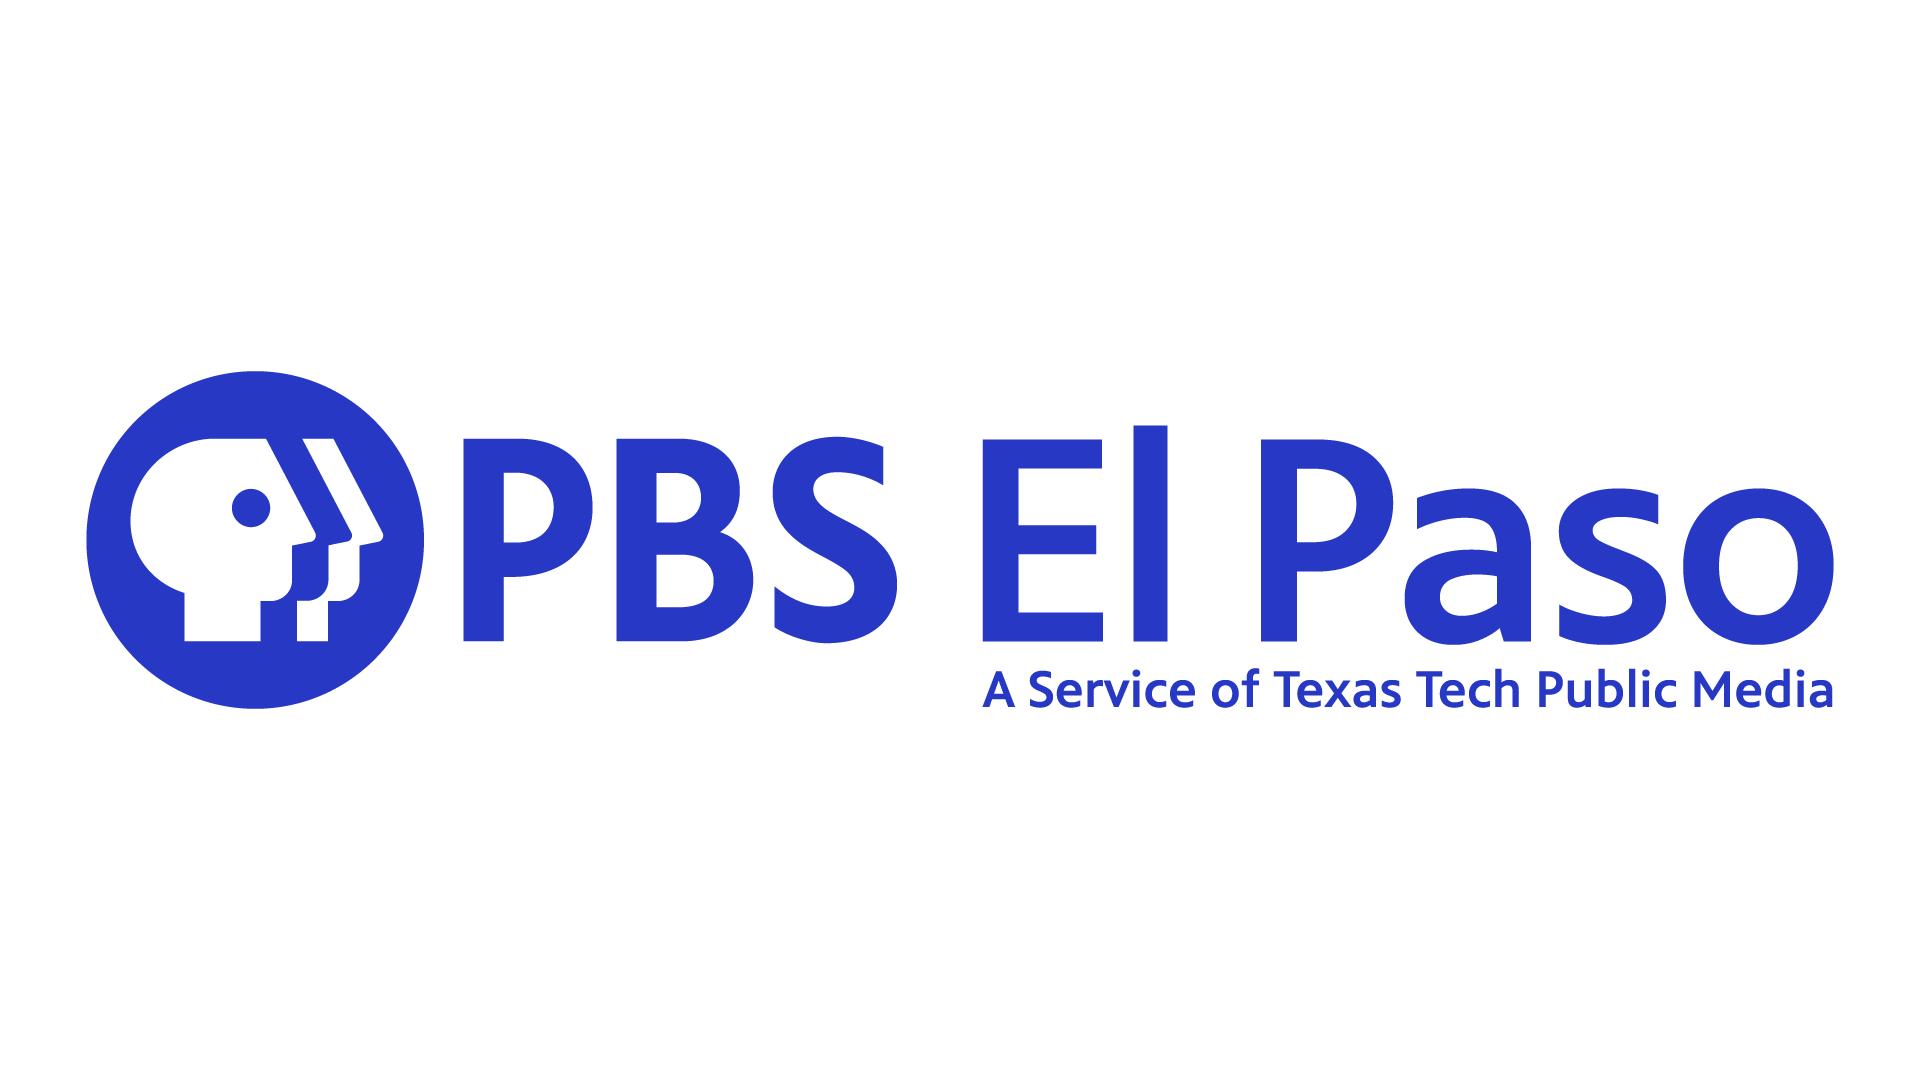 PBS El Paso